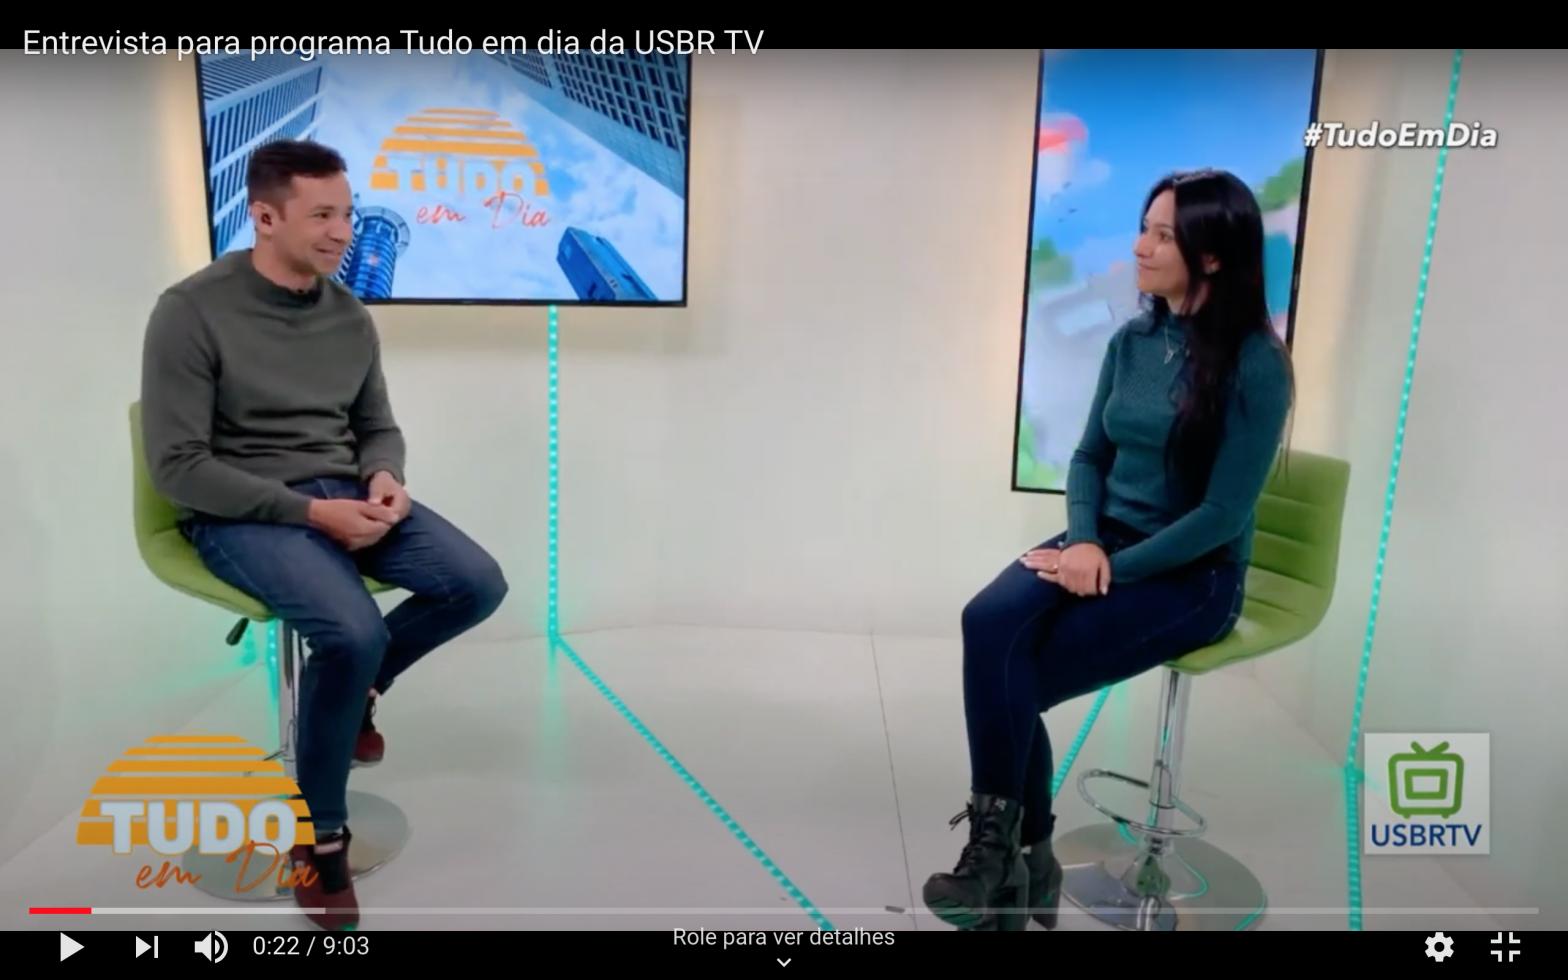 Entrevista para programa tudo em dia USBR TV